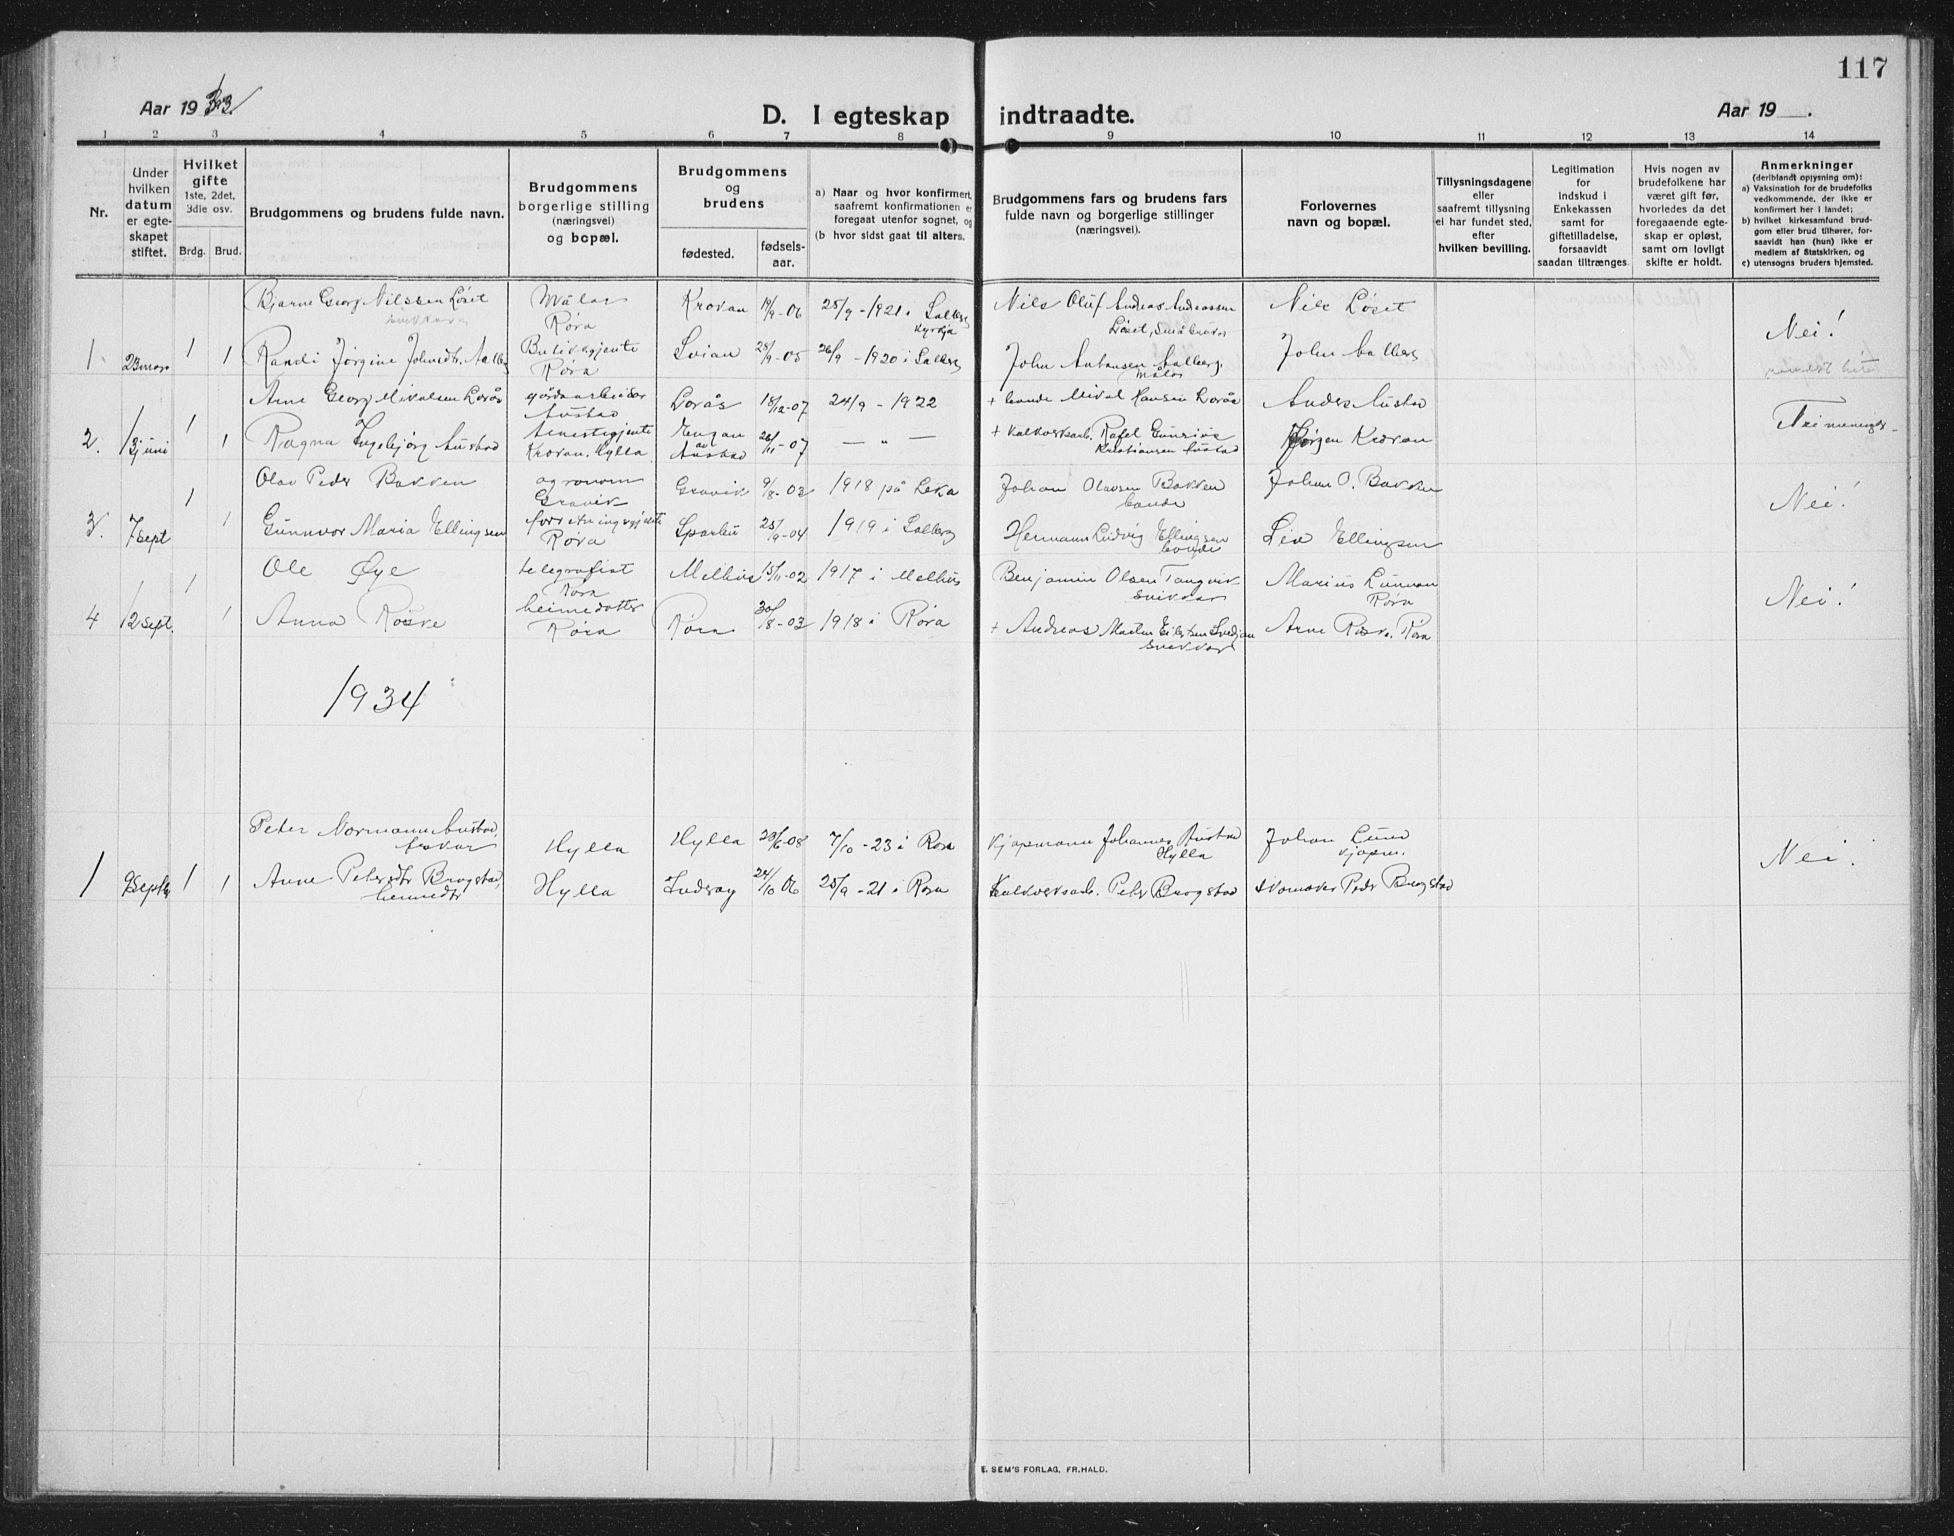 SAT, Ministerialprotokoller, klokkerbøker og fødselsregistre - Nord-Trøndelag, 731/L0312: Klokkerbok nr. 731C03, 1911-1935, s. 117